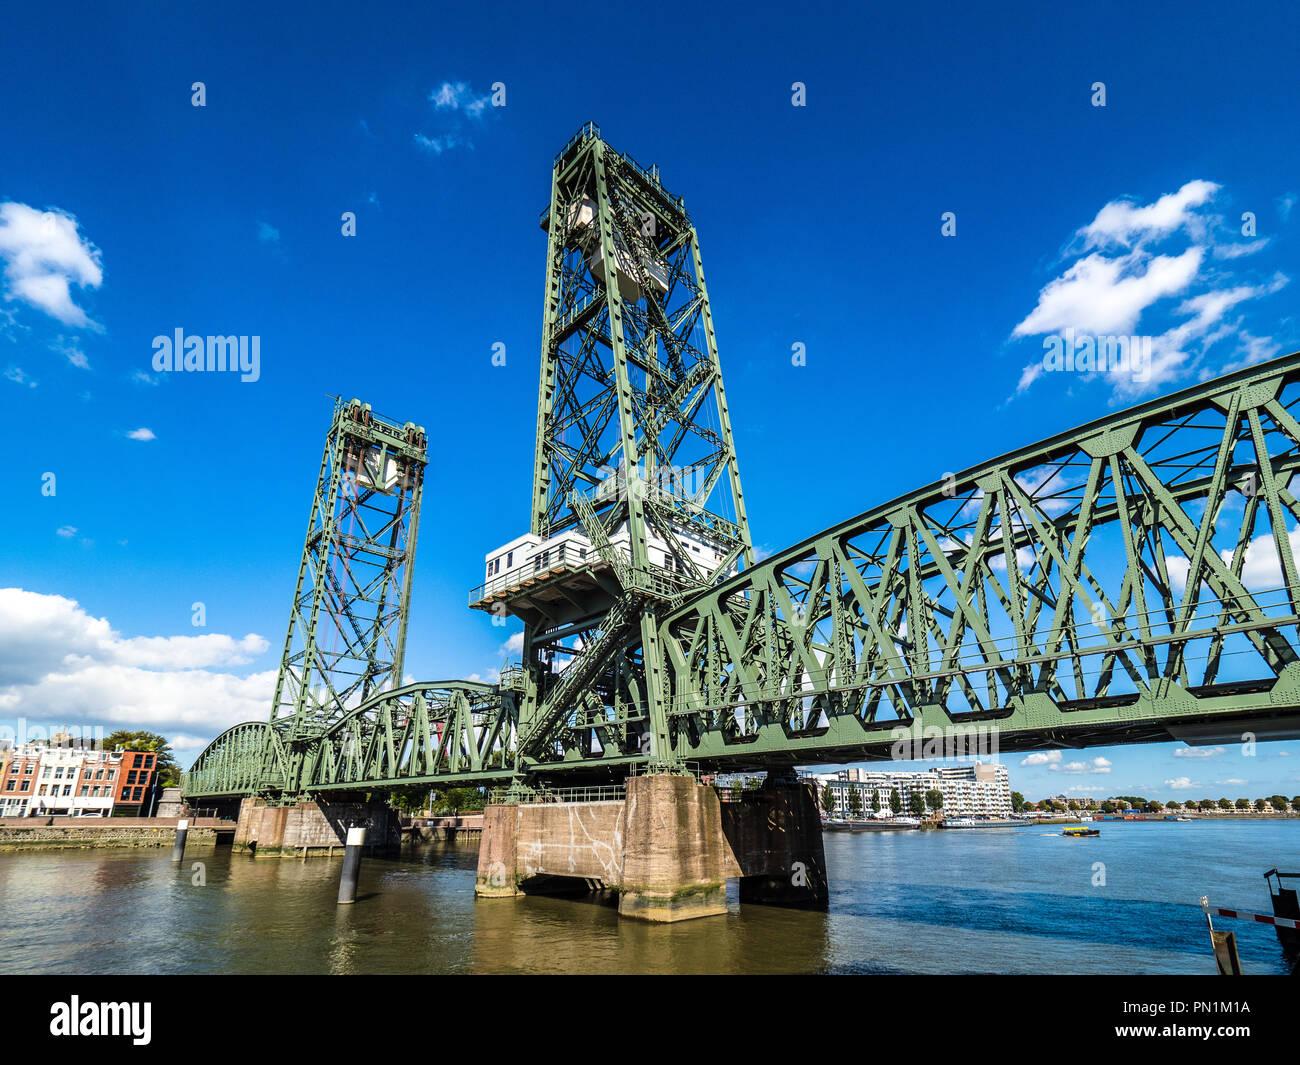 De Hef bridge or the Koningshaven Bridge is a disused railway lift bridge over the Koningshaven in Rotterdam - Stock Image